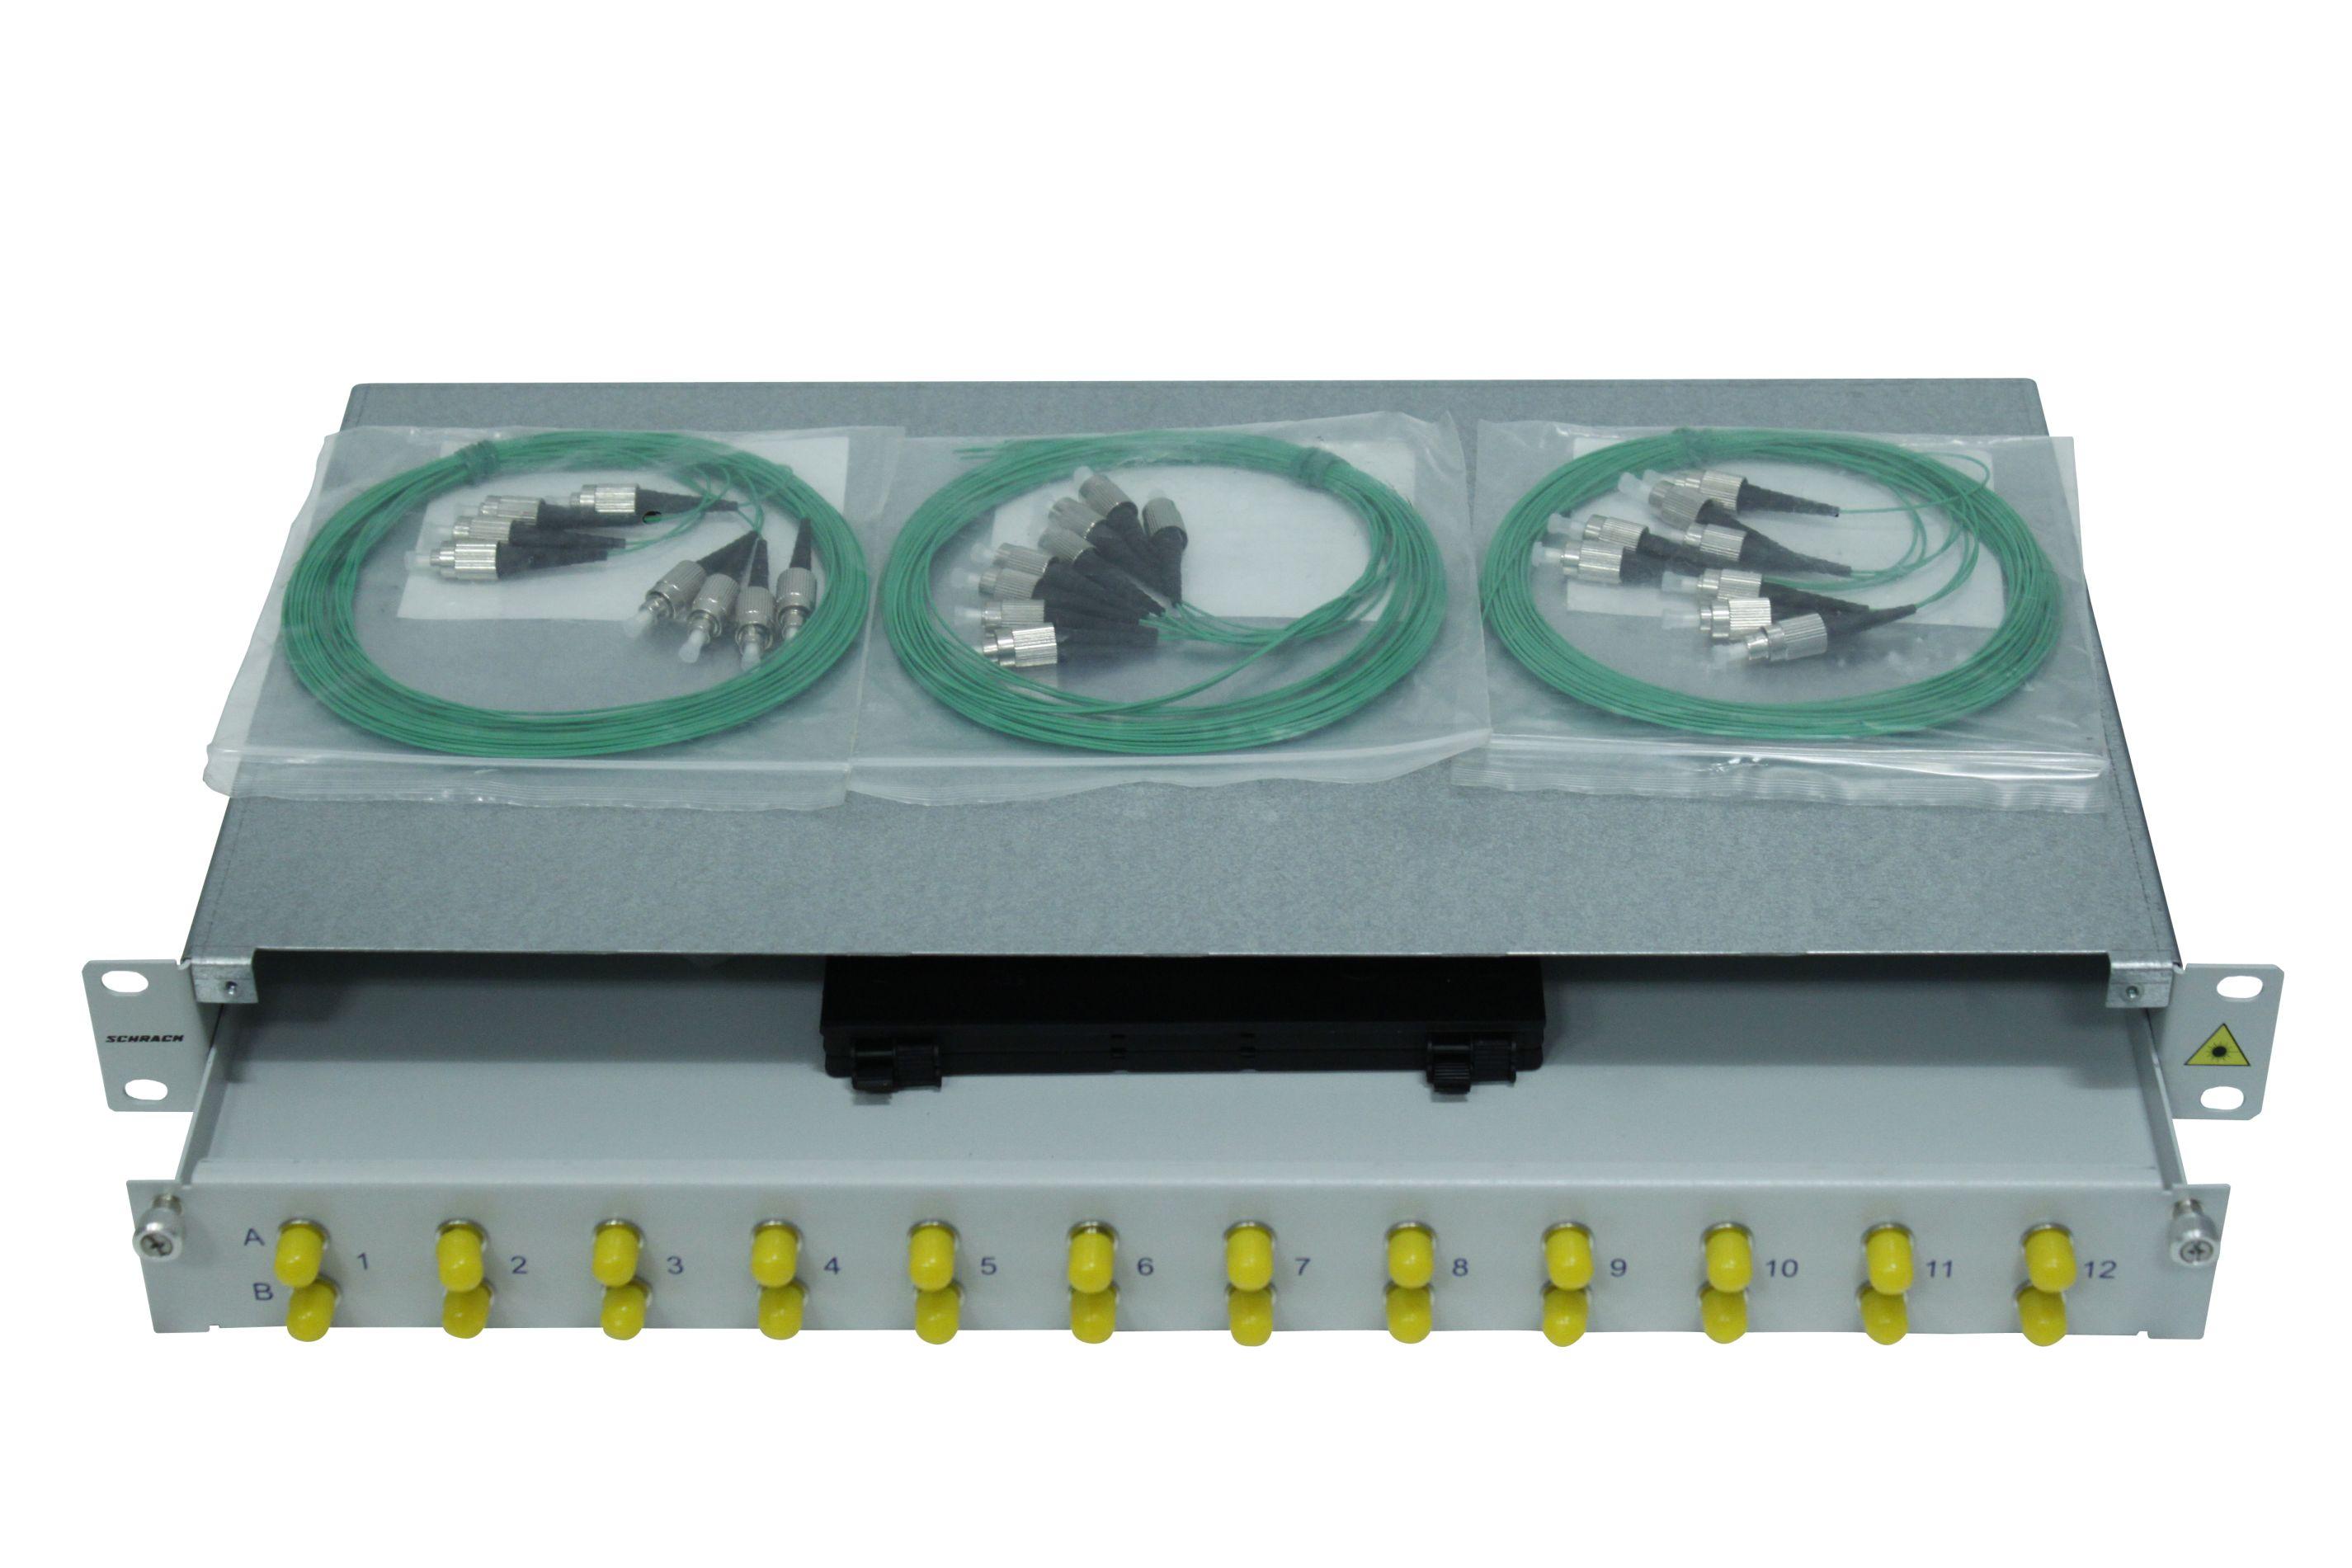 1 Stk LWL Spleißbox,24Fasern,FC,50/125µm OM2, ausziehbar,19,1HE HSELS245FG